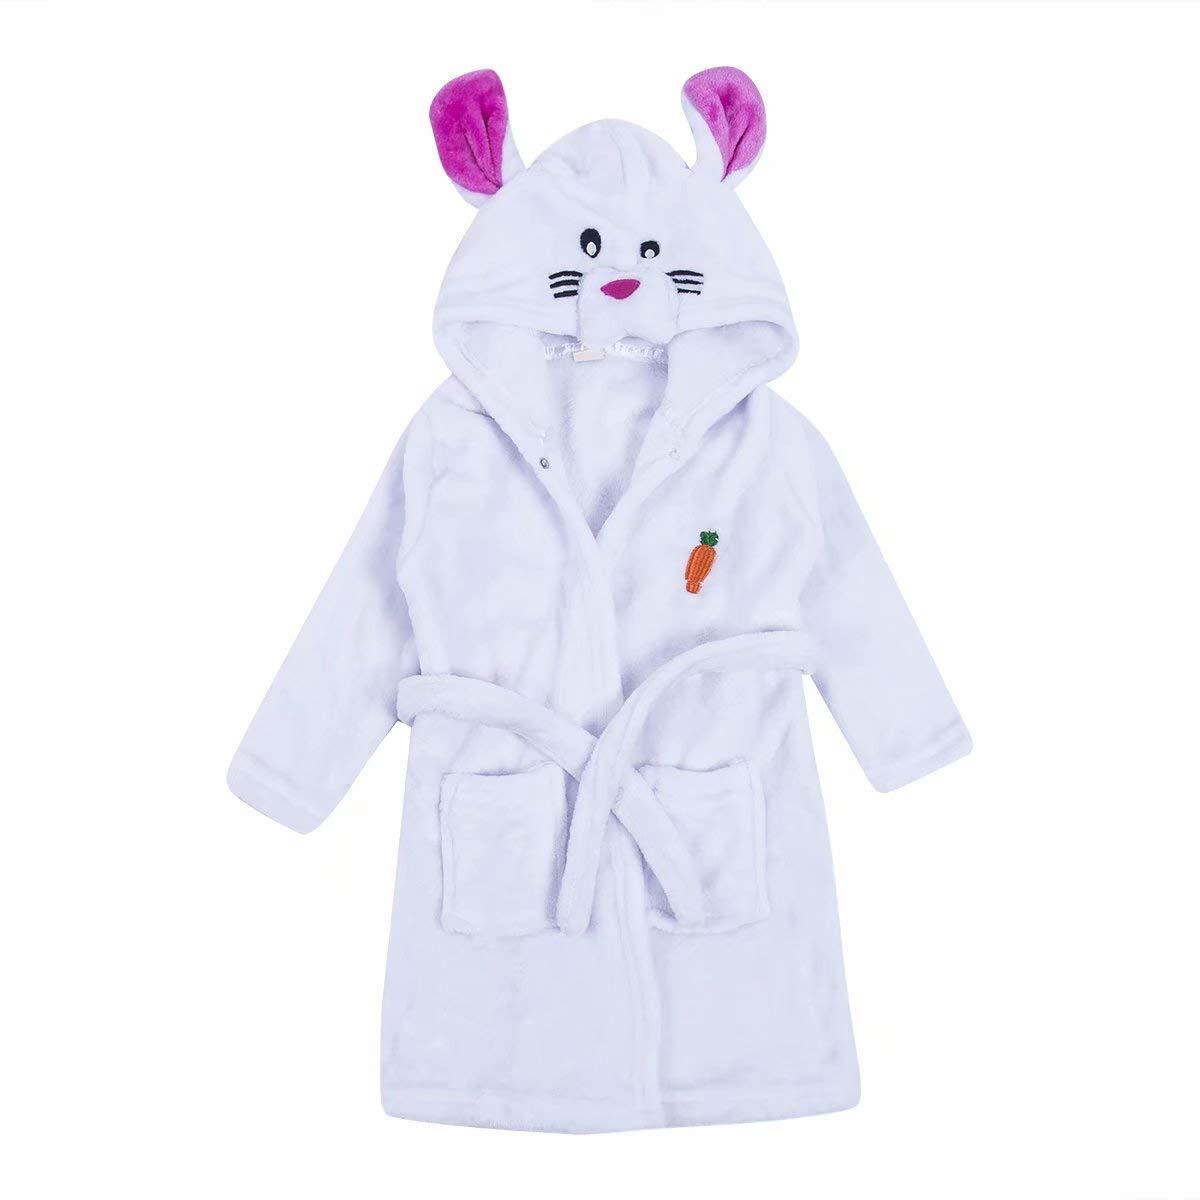 Kids Toddler Baby Boy Girl Unicorn Long Sleeve Flannel Hoodies Bathrobe Pajamas Fleece Sleepwear